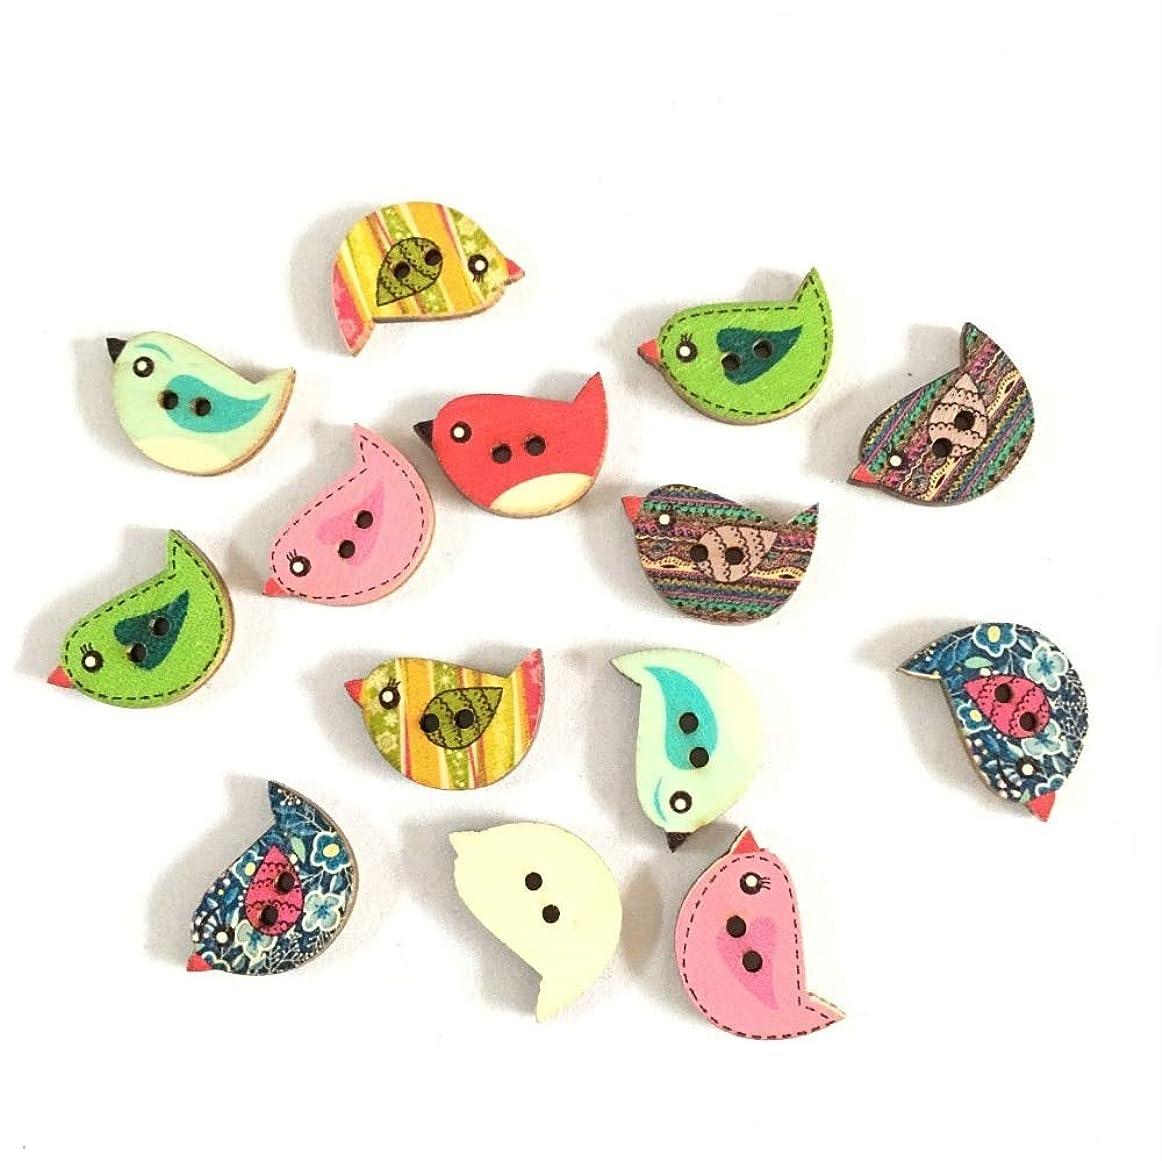 成功した発症クッションJicorzo - 50pcsのミックス木製ボタンのかわいい鳥のパターンDecoratiラウンド2つの穴木製縫製するためのボタン、DIY、衣料品アクセサリー